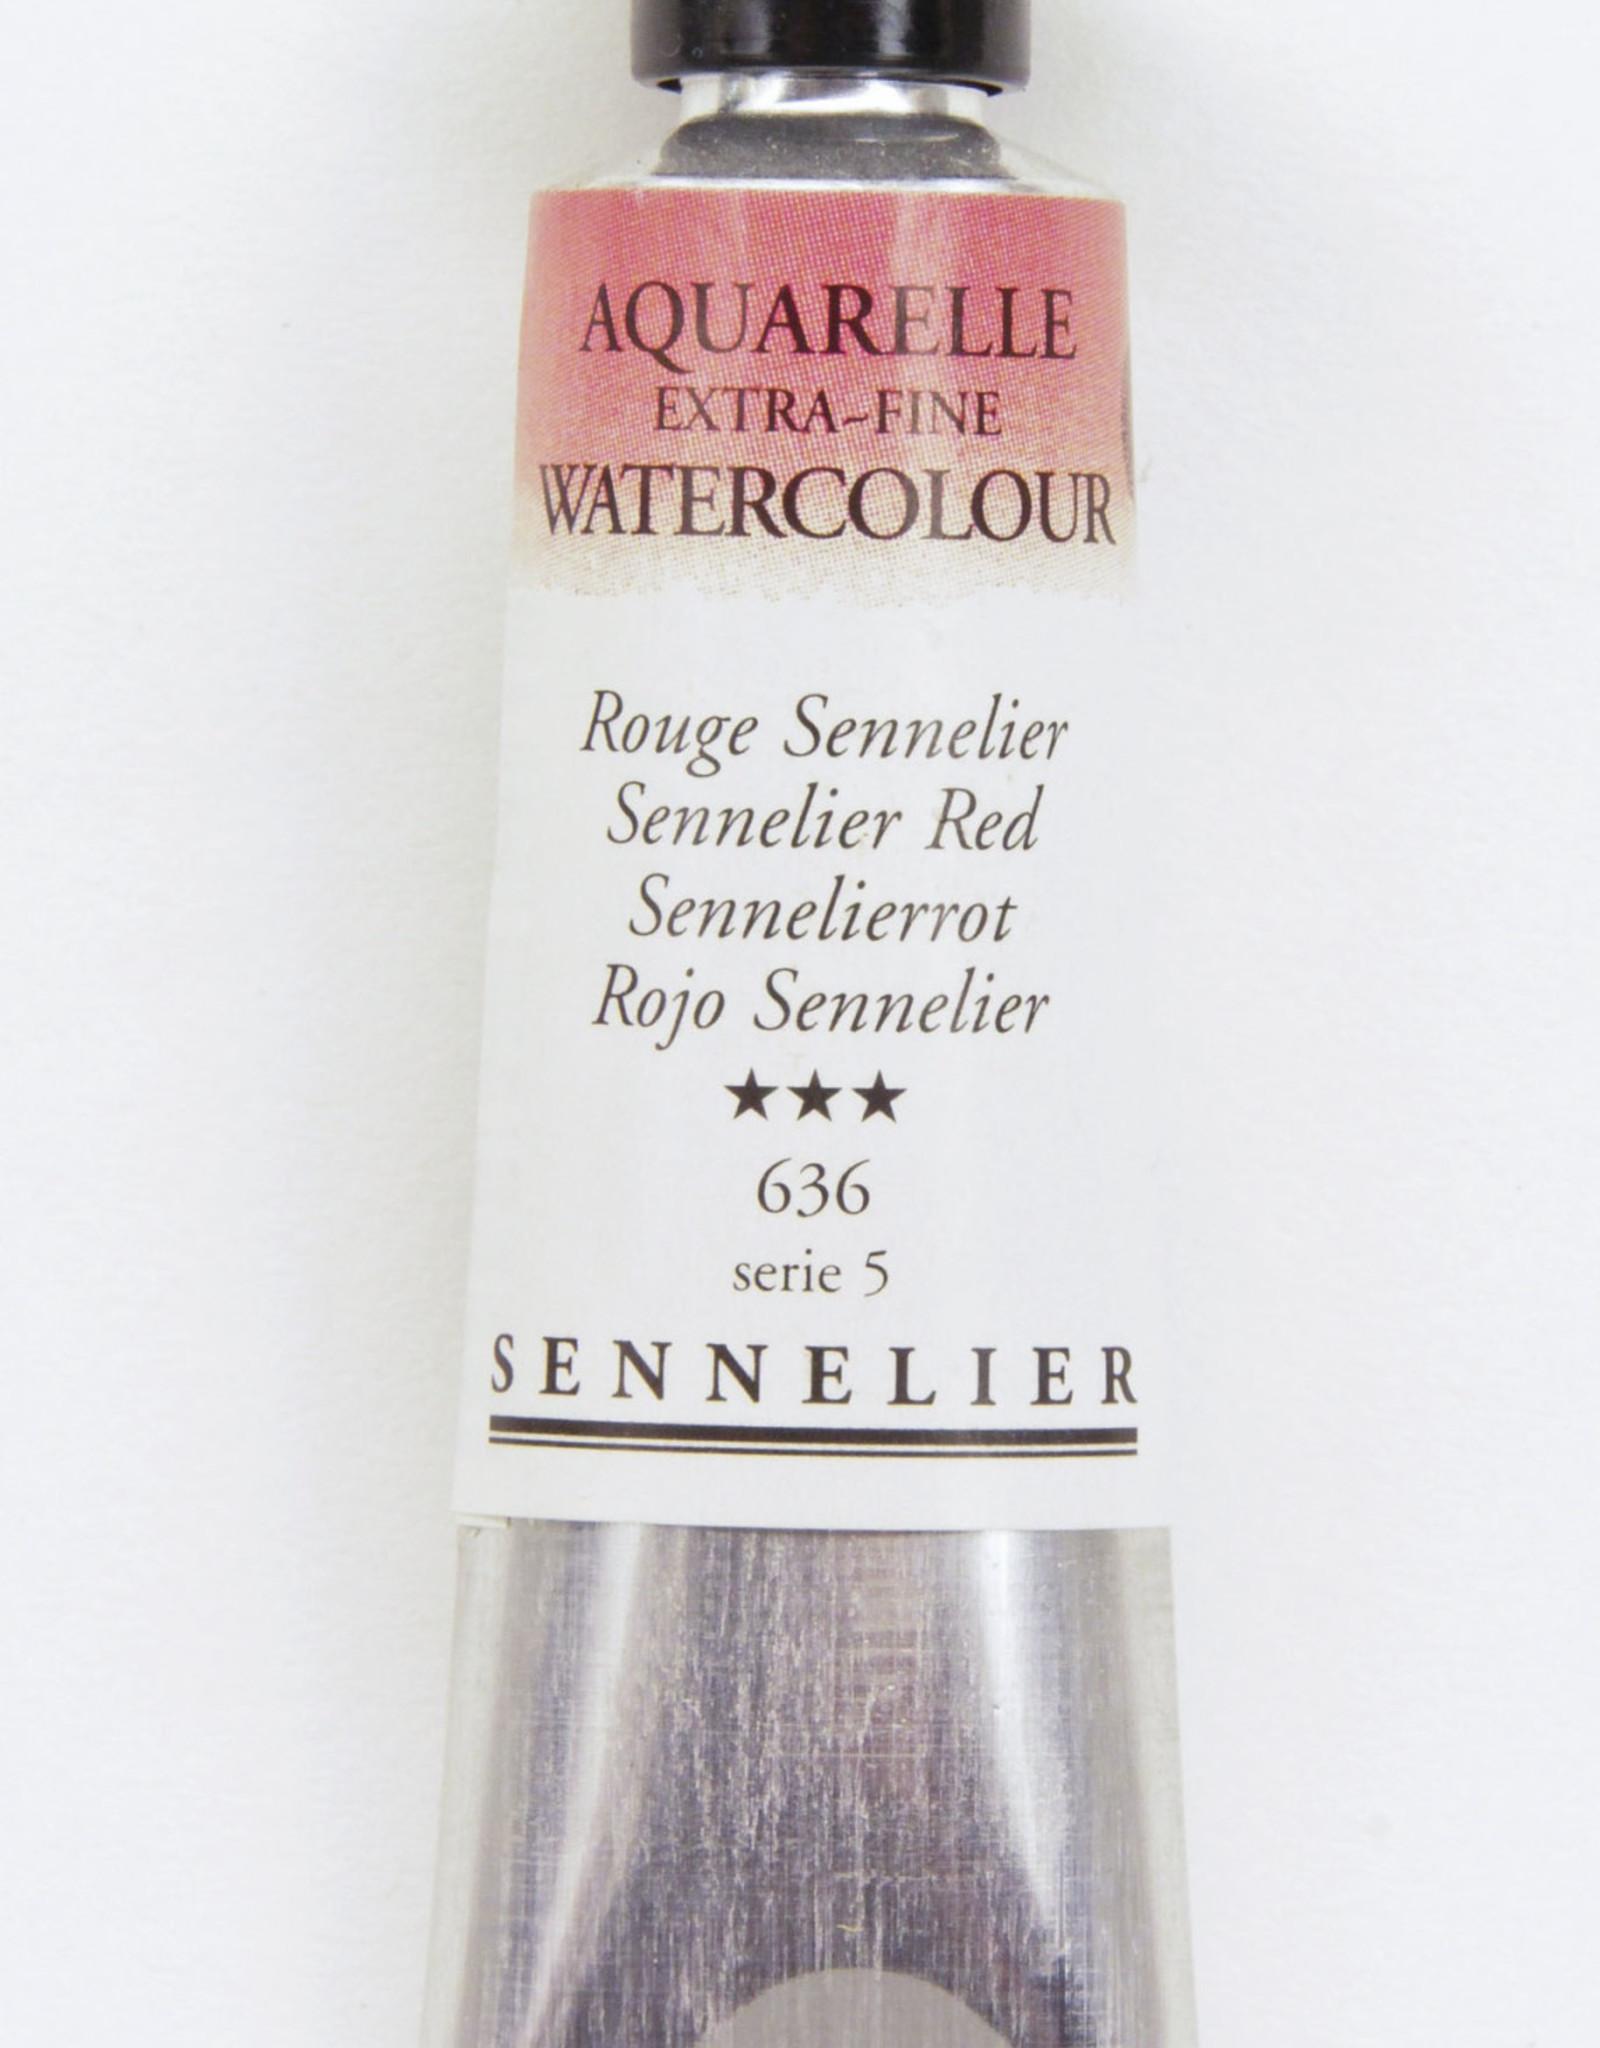 Sennelier, Aquarelle Watercolor Paint, Sennelier Red, 636,10ml Tube, Series 5